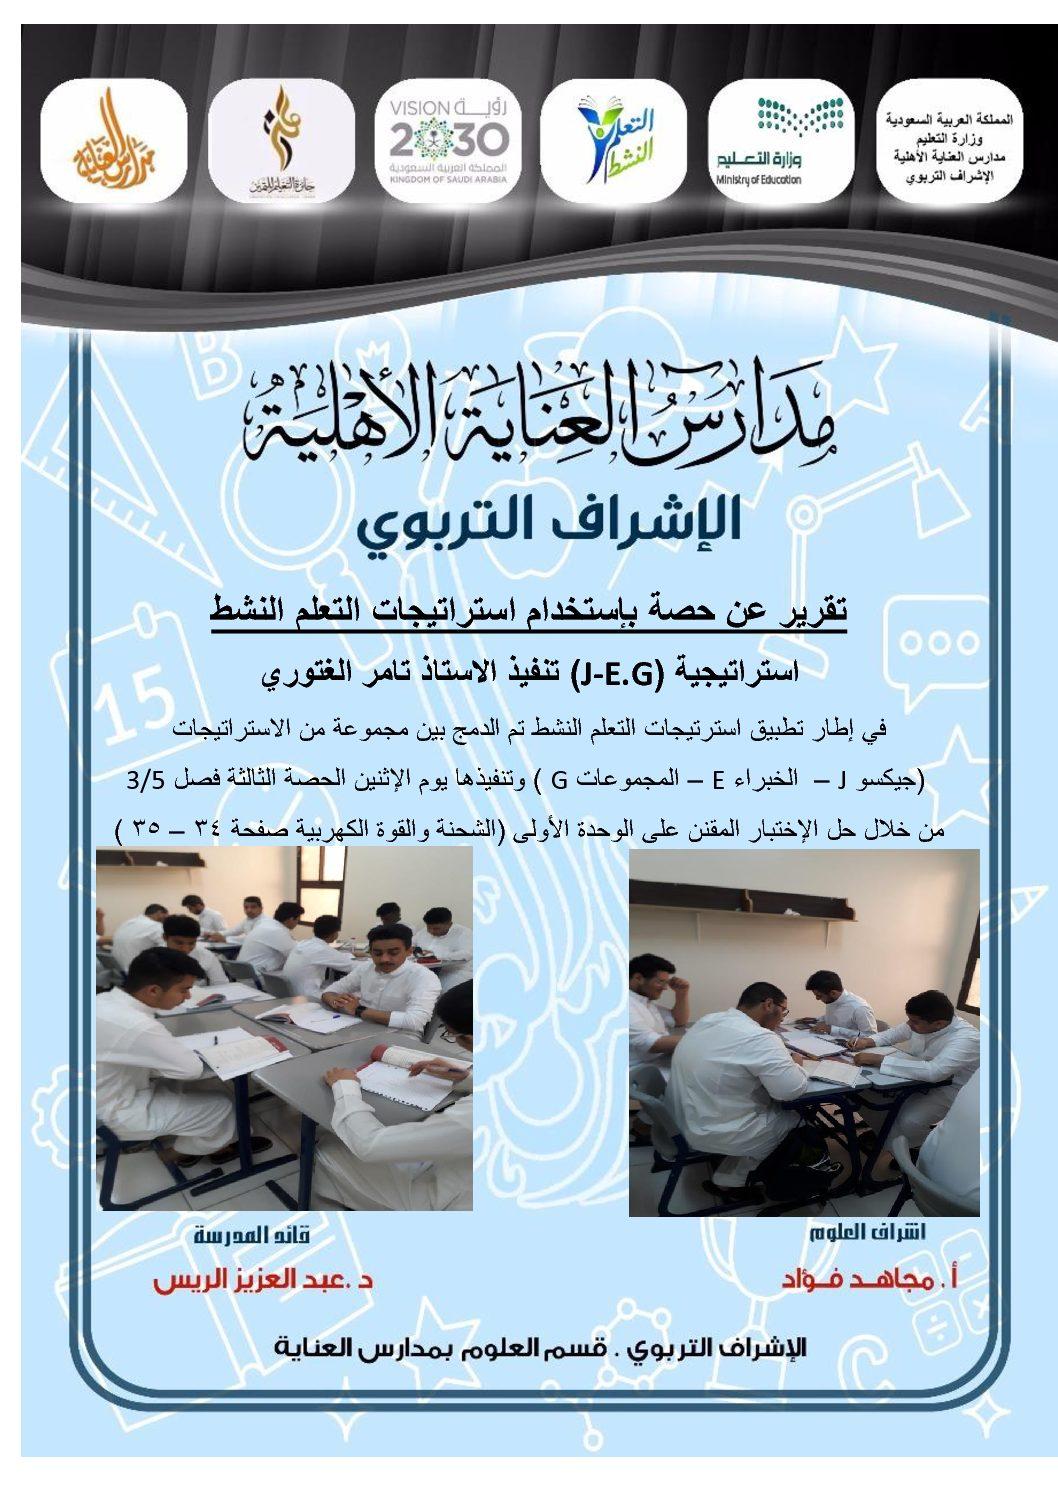 (تنفيذ استراتيجات التعلم النشط )(استراتيجية J-E.G ) تنفيذ الأستاذ تامر الغتوري